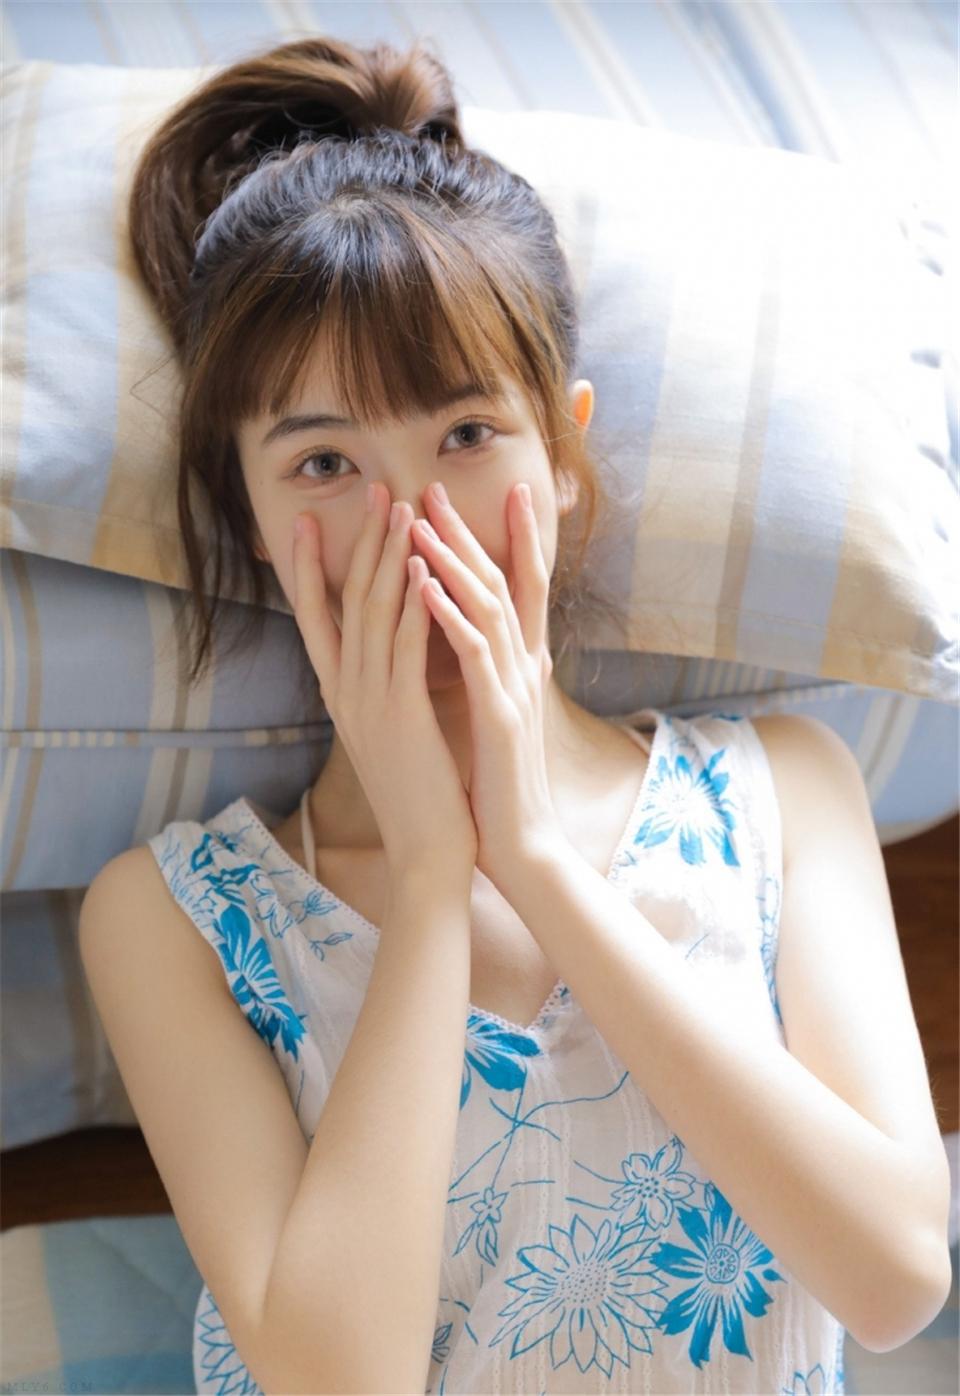 邻家女友长腿白瓷清澈杏眼销魂极品图库